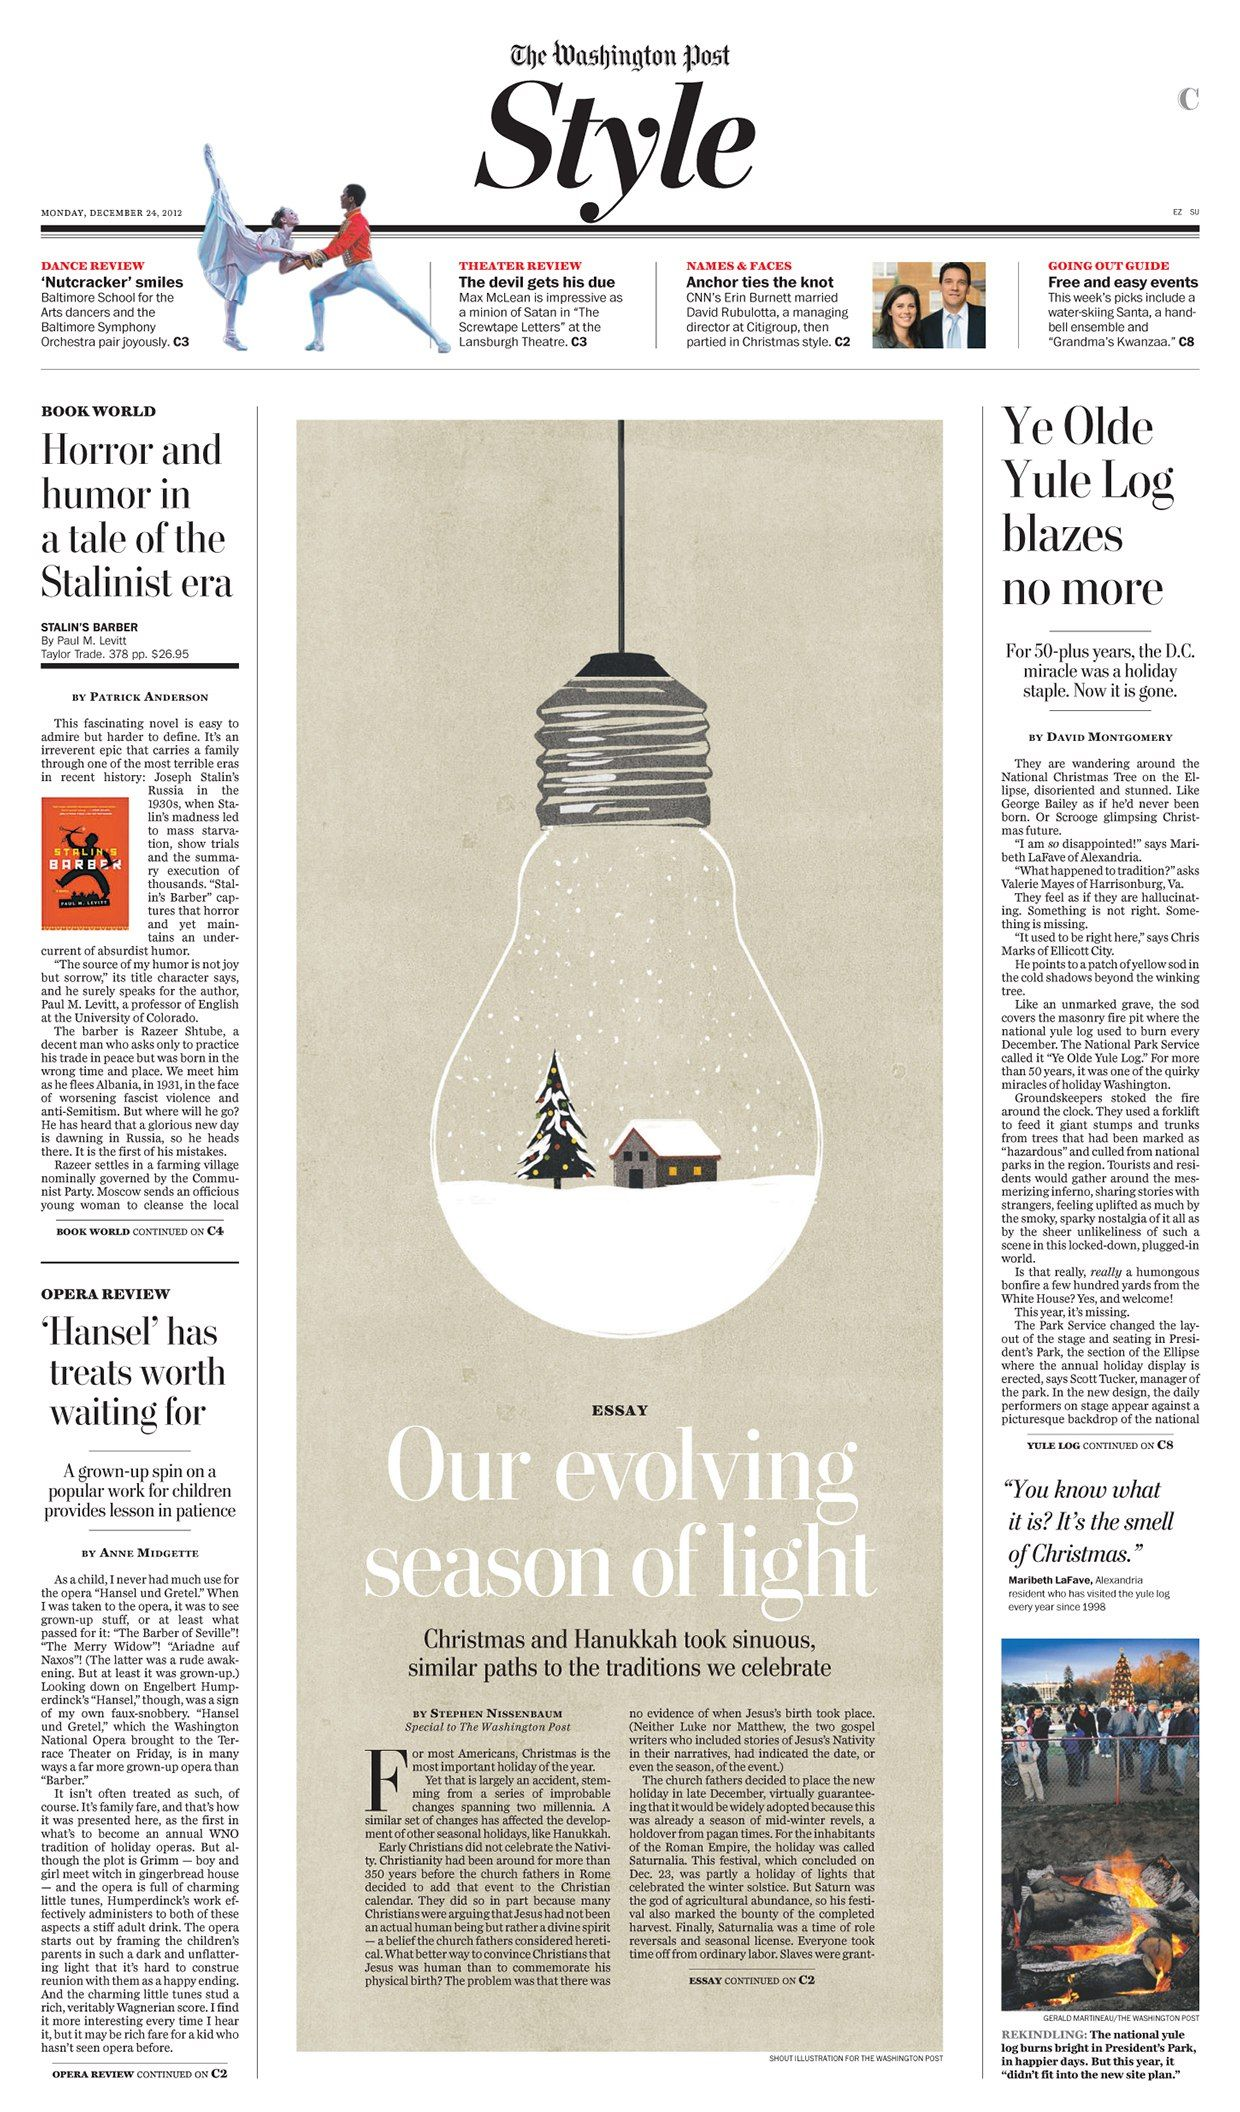 The Washington Post | Chris Barber